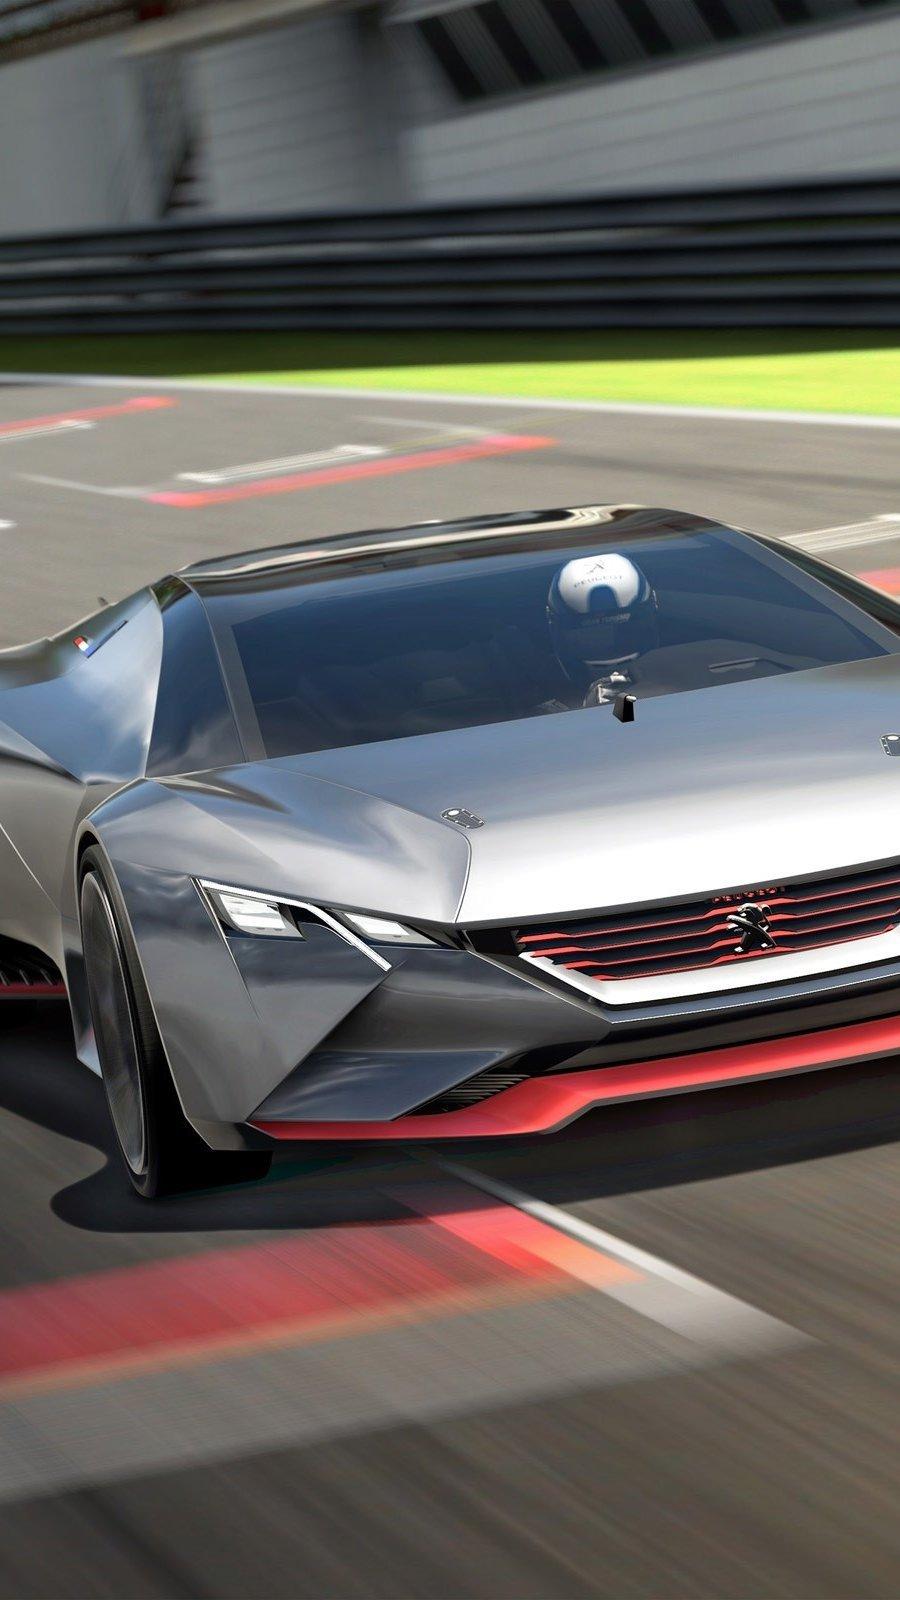 Wallpaper Peugeot Vision in Gran Turismo Vertical